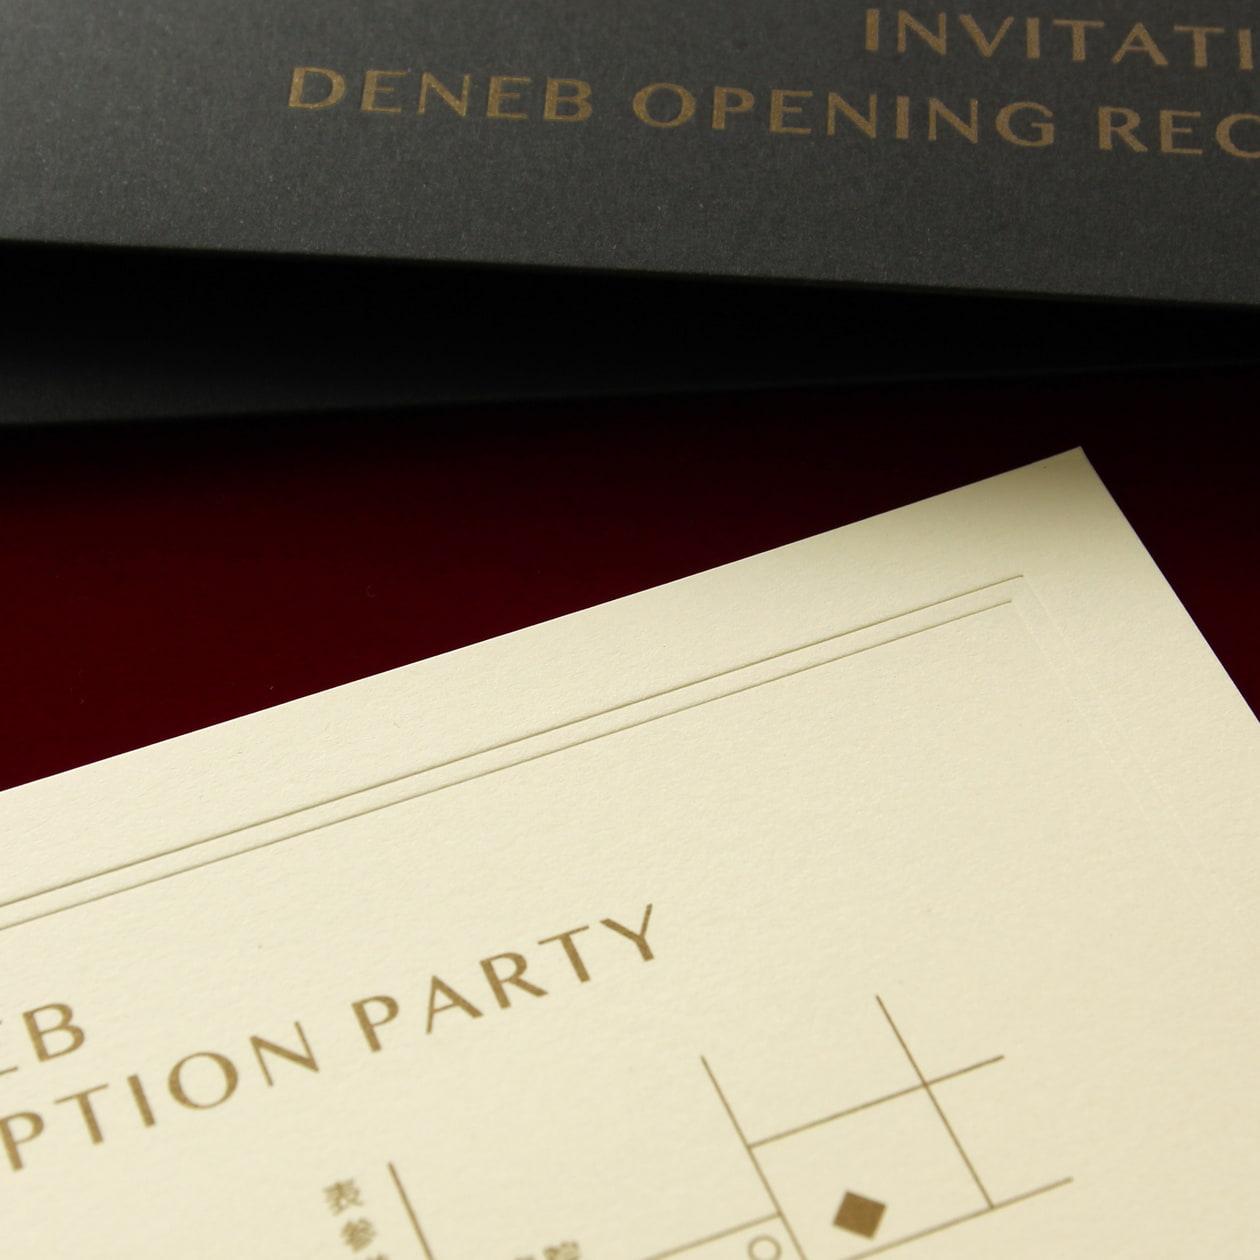 ジュエリーショップのレセプションパーティ招待状